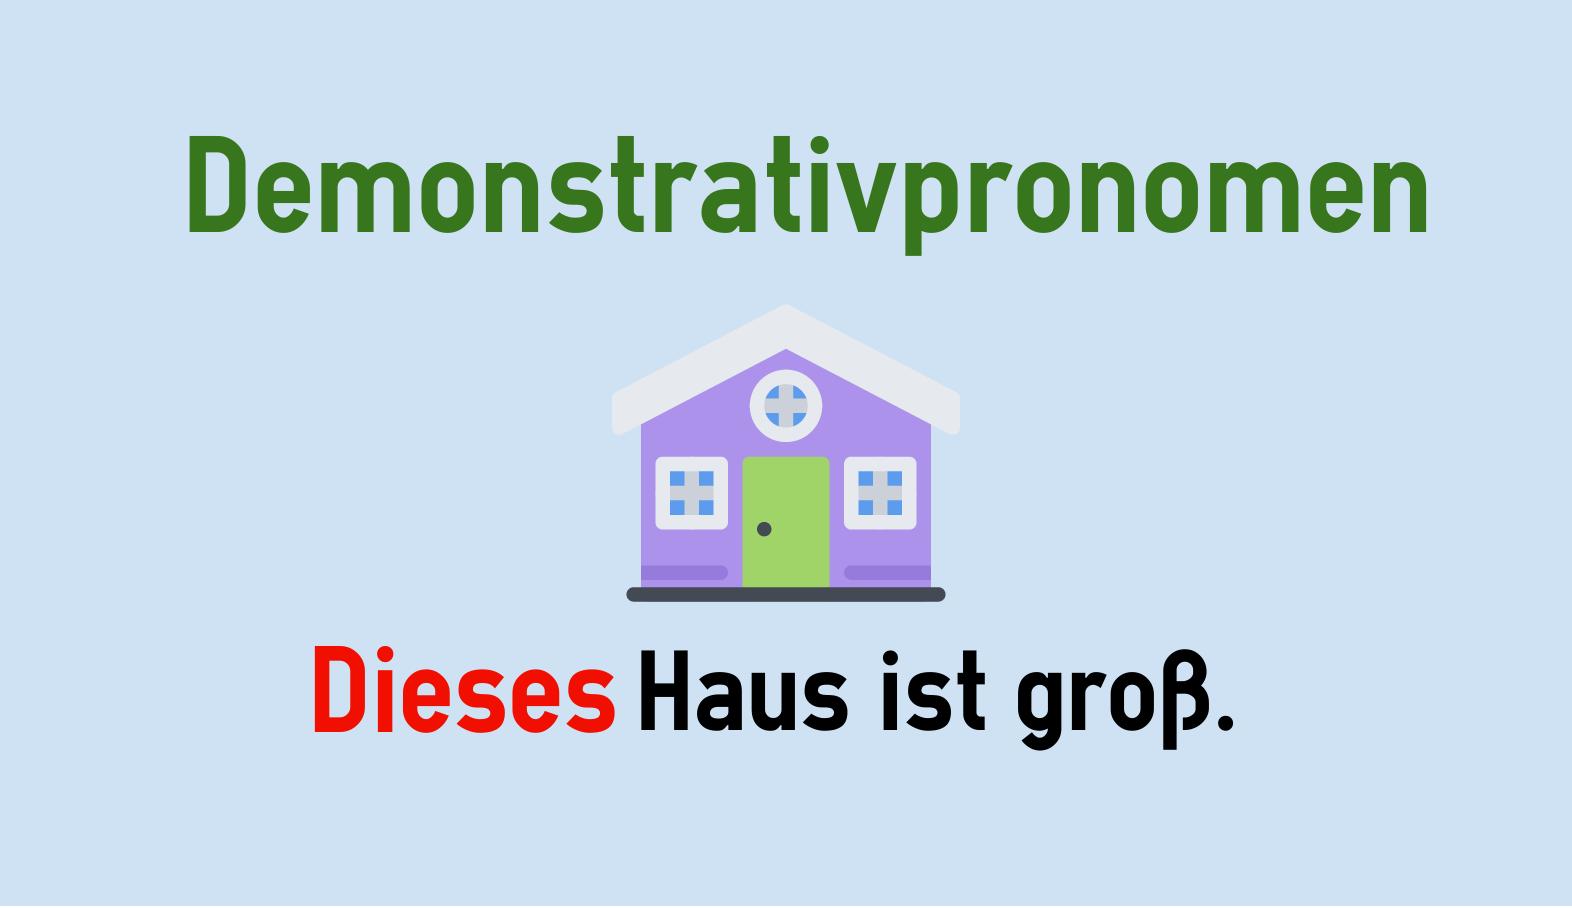 Deutsche Demonstrativpronomen